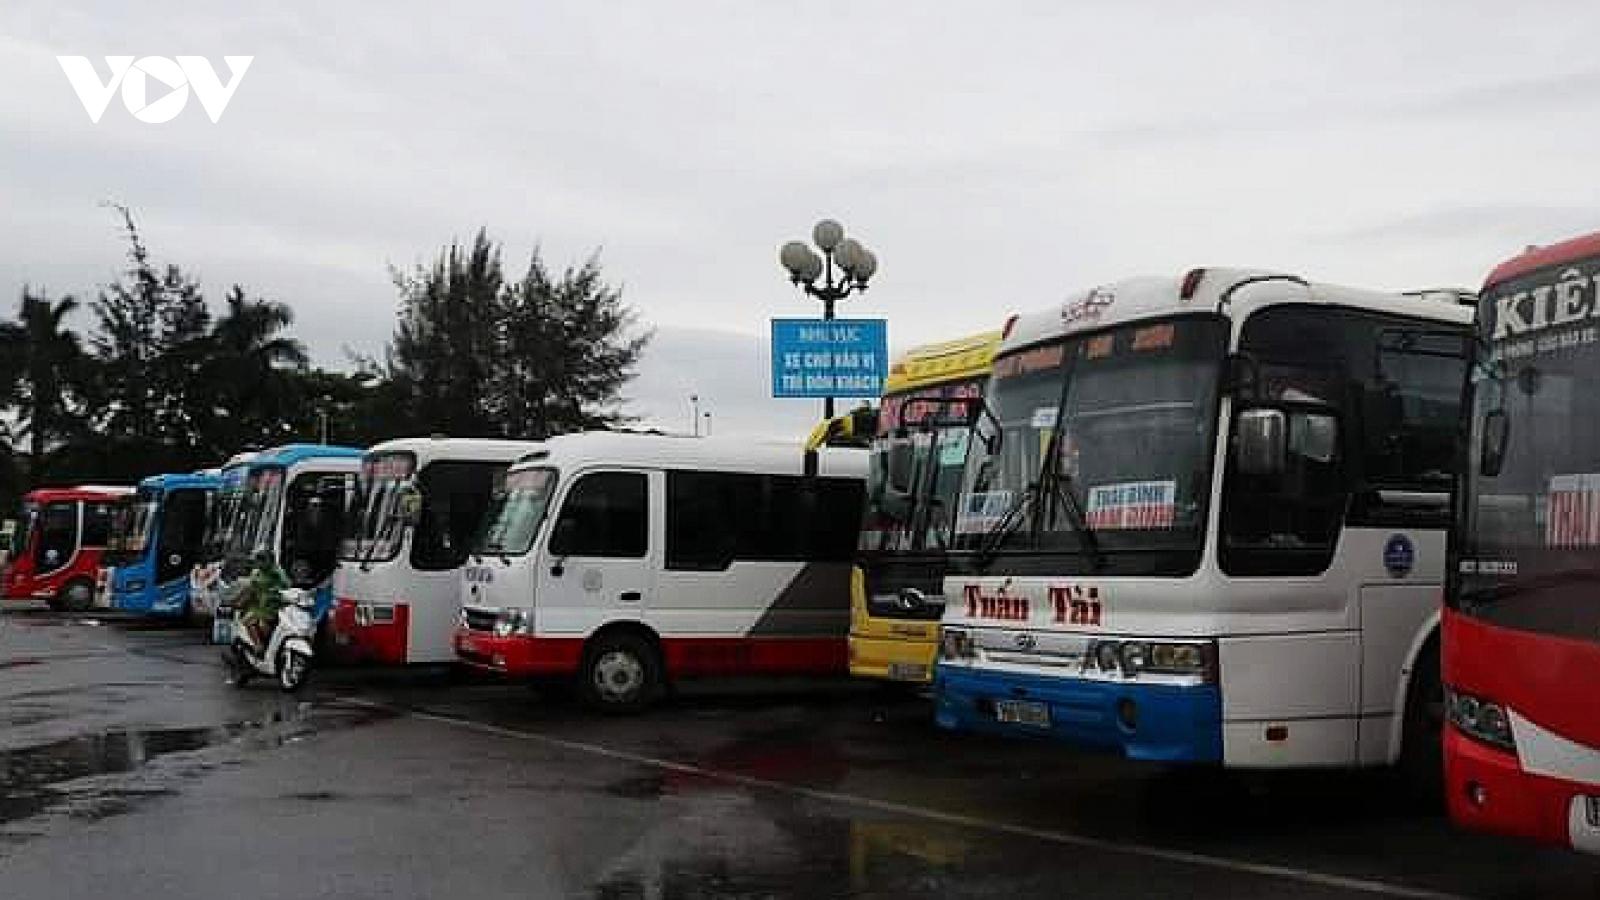 Hải Phòng tạm dừng hoạt động vận tải hành khách đi tỉnh Điện Biên và ngược lại